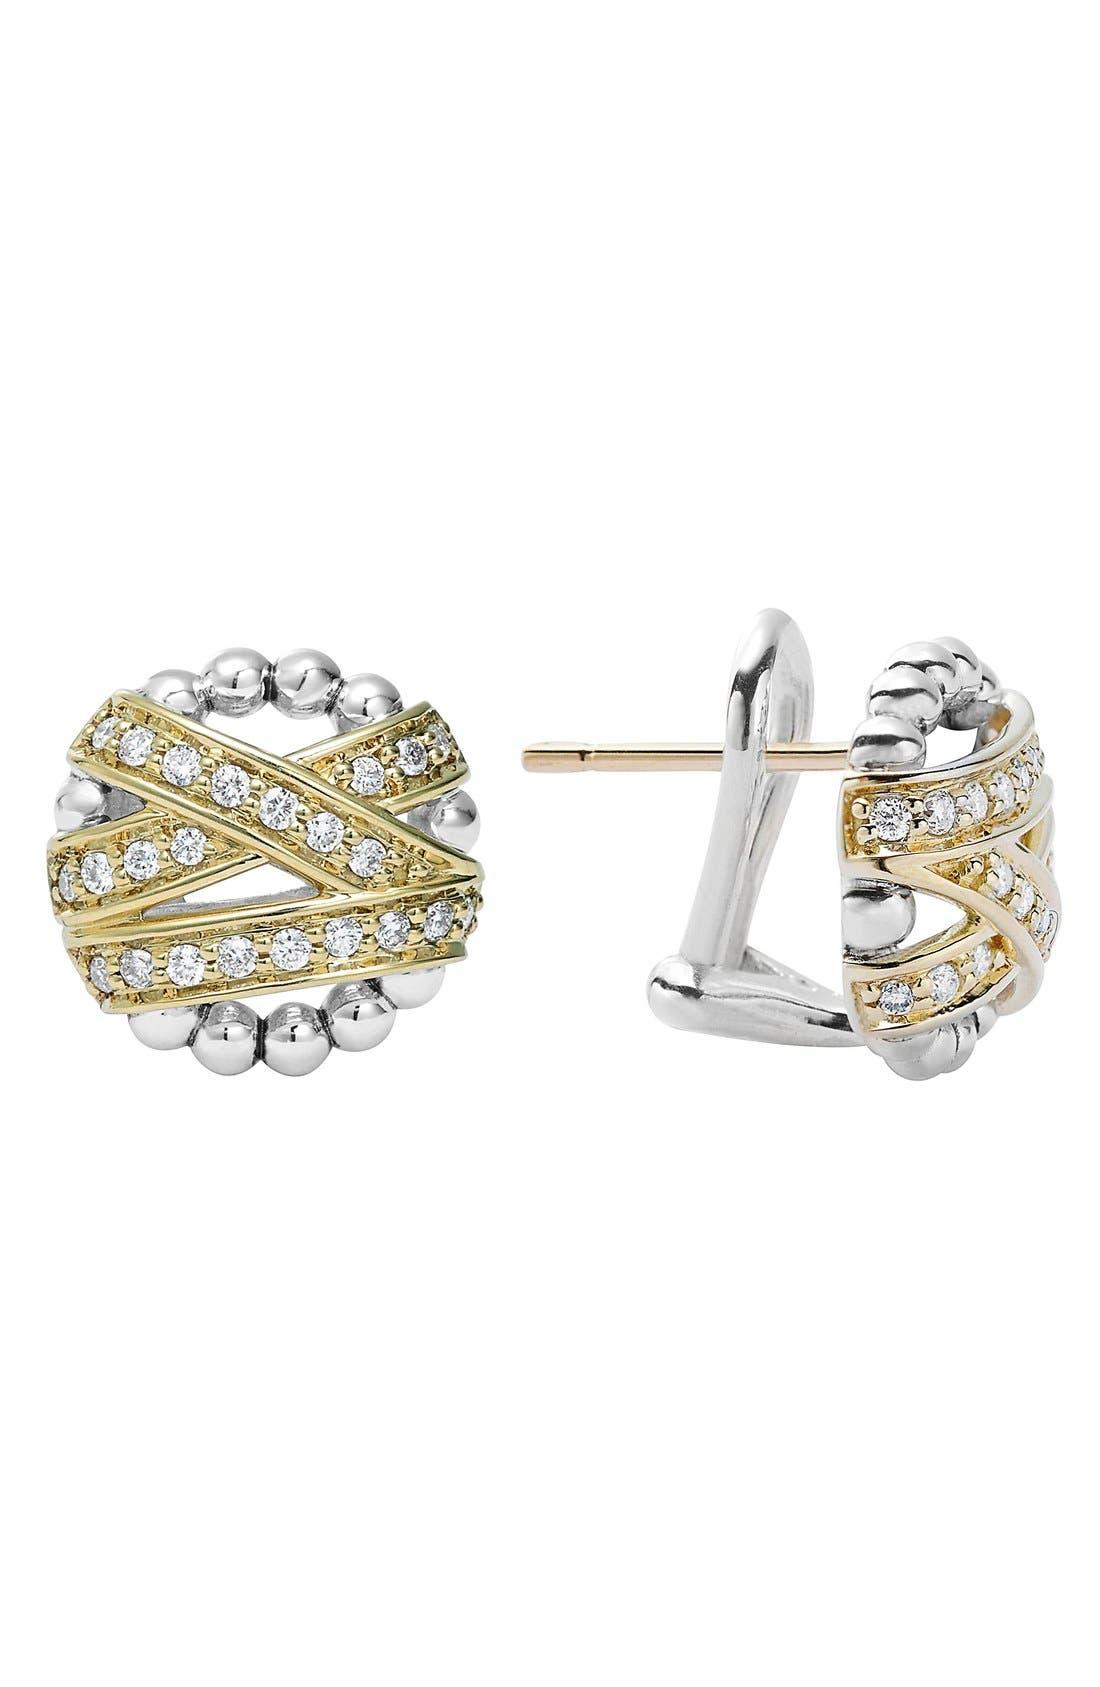 'Diamonds & Caviar' Diamond Stud Earrings,                         Main,                         color, Silver/ Gold